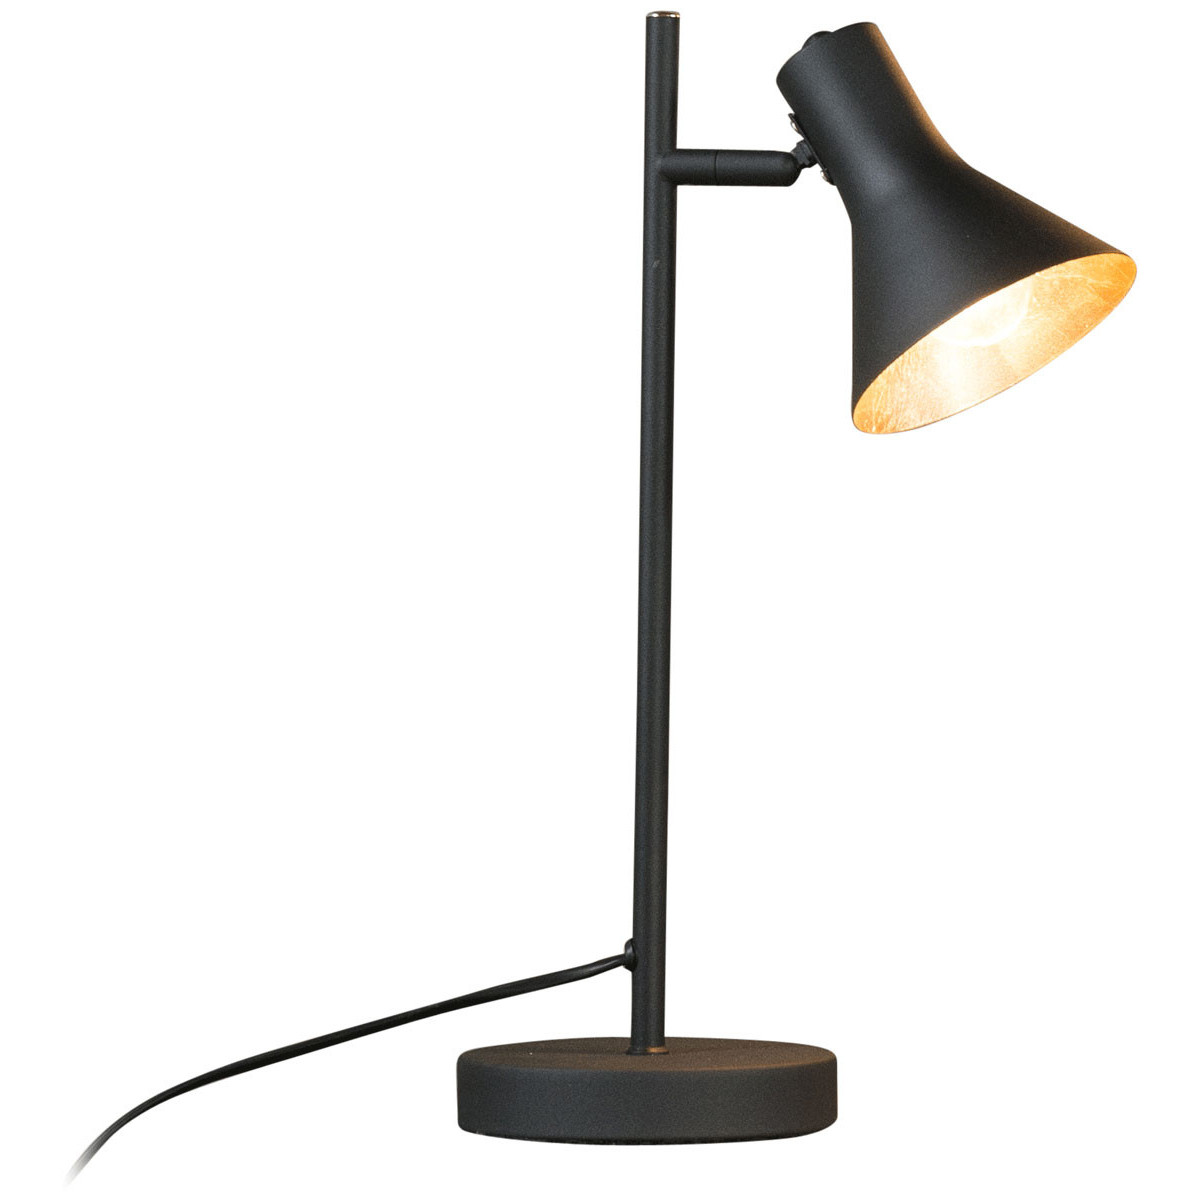 Lampe de table vintage en métal noir